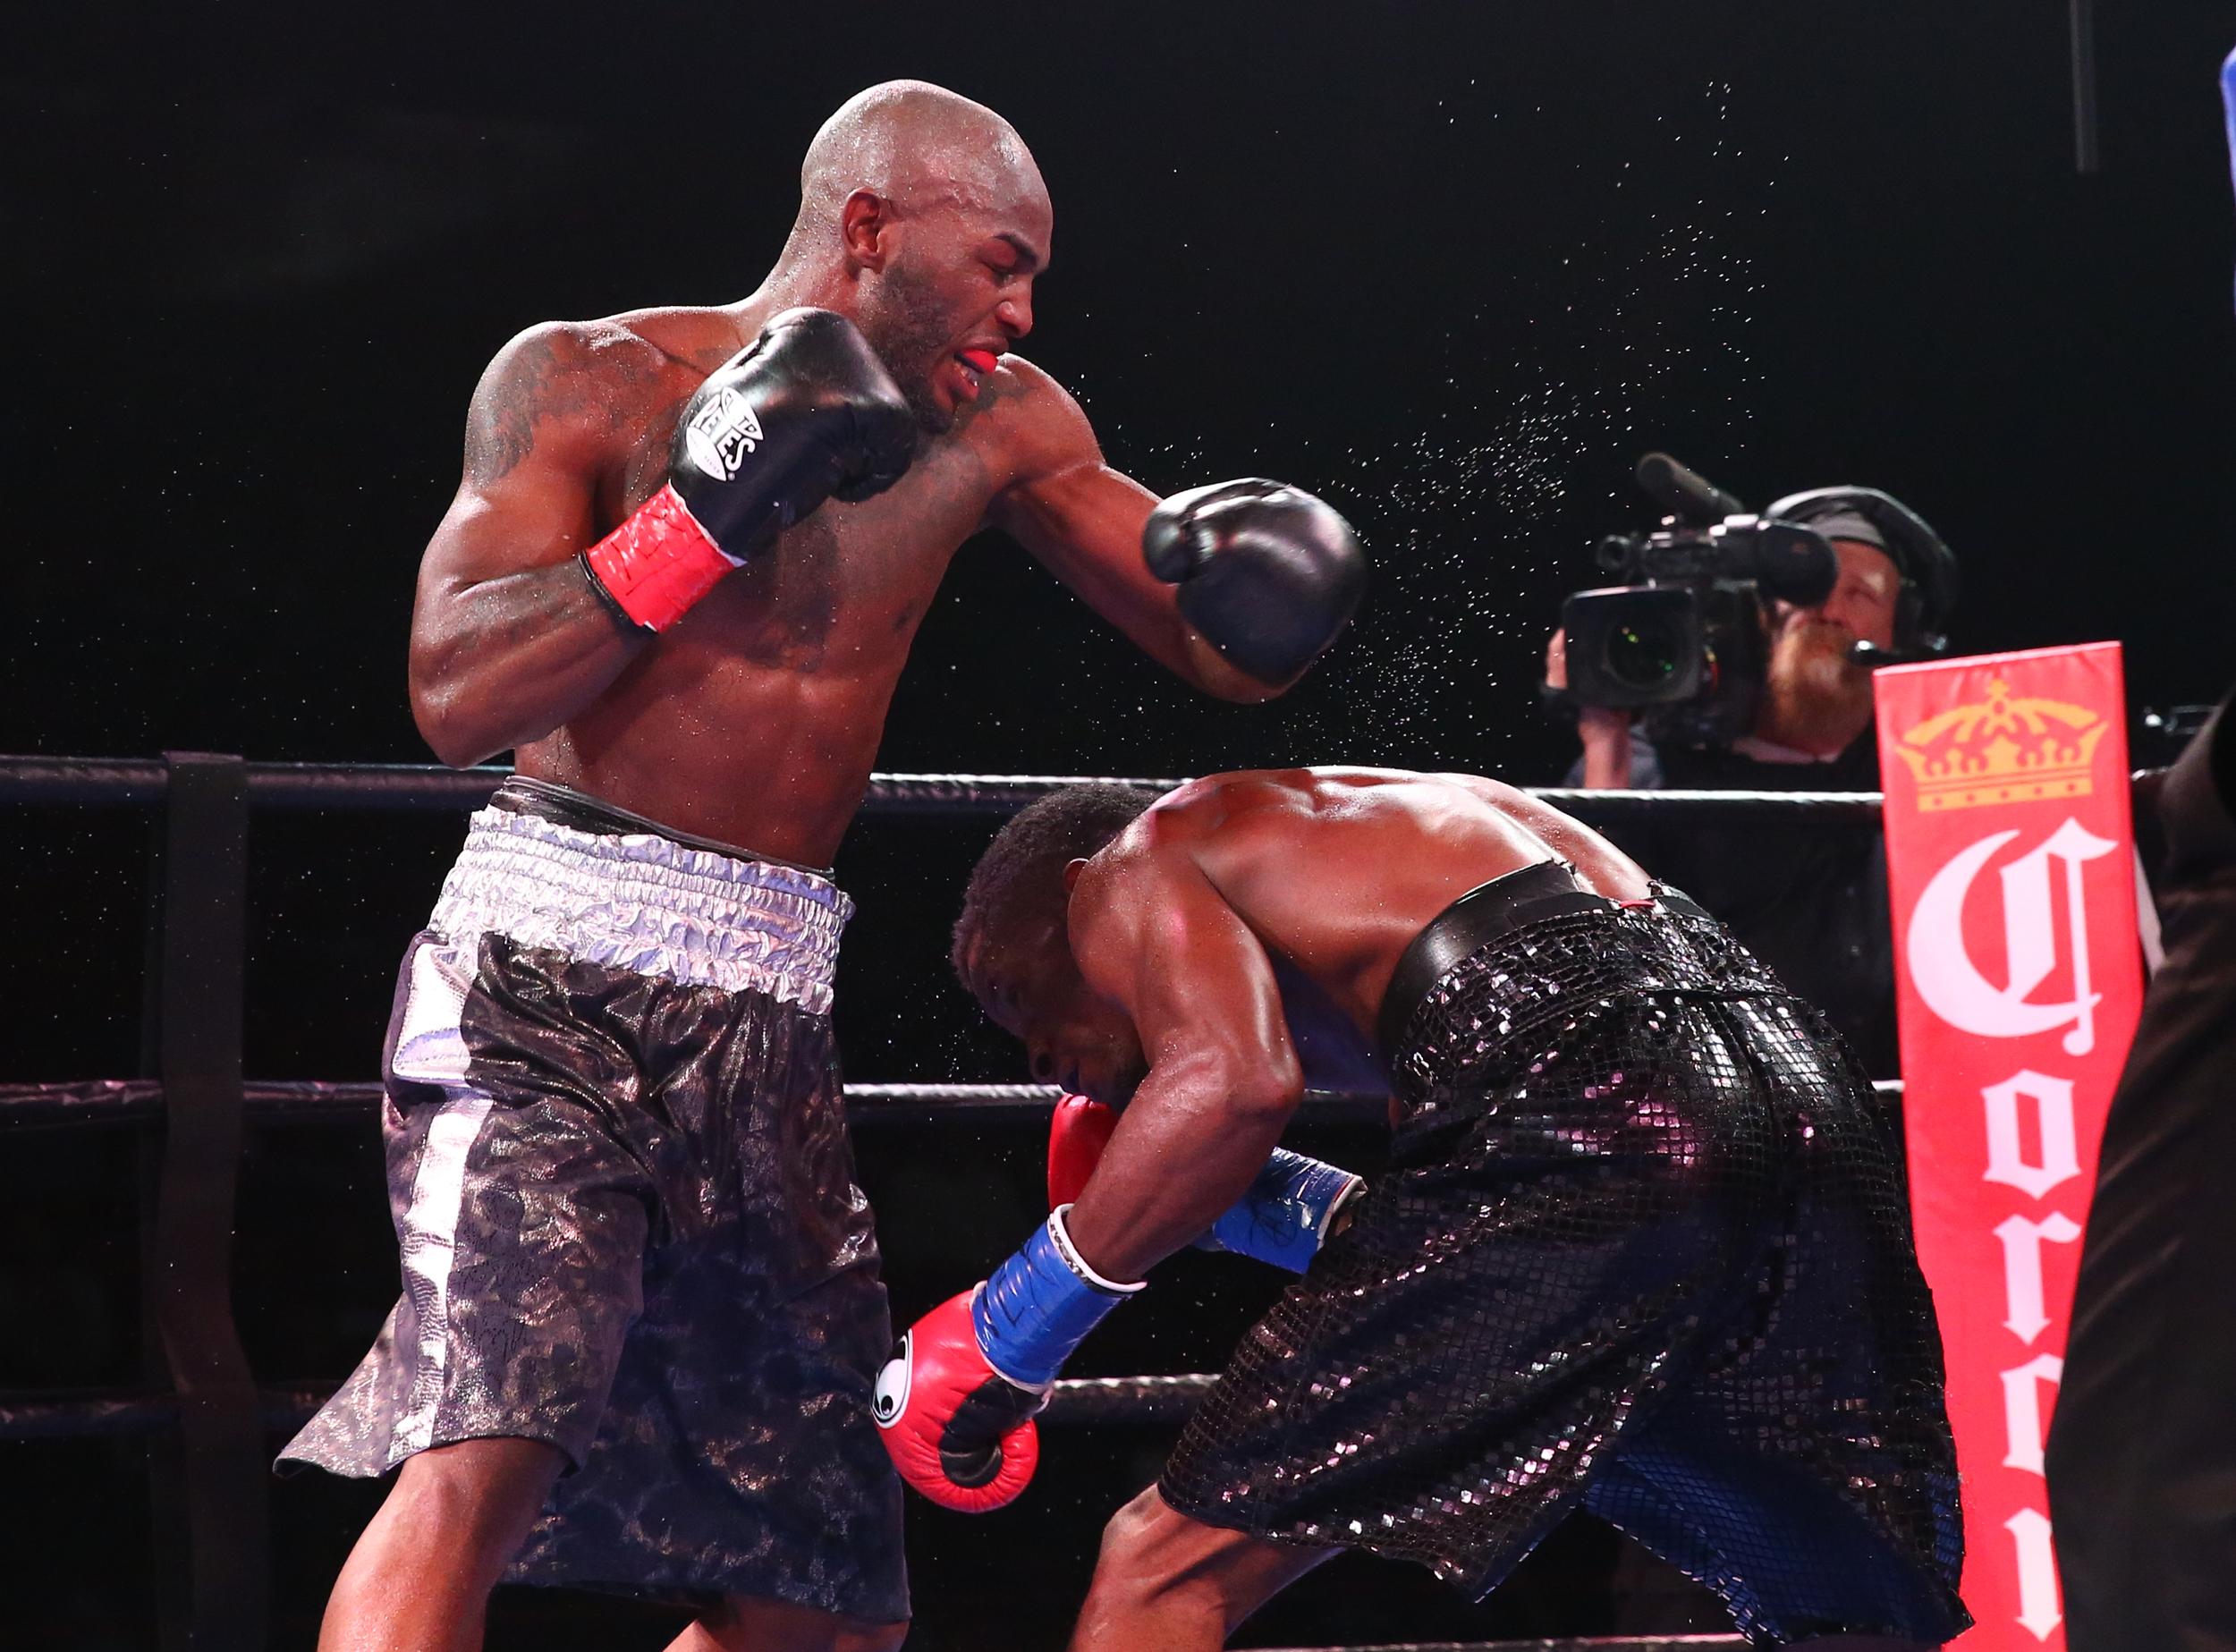 SASP- 20151031 - PBC Boxing - 2245 - 4229.JPG